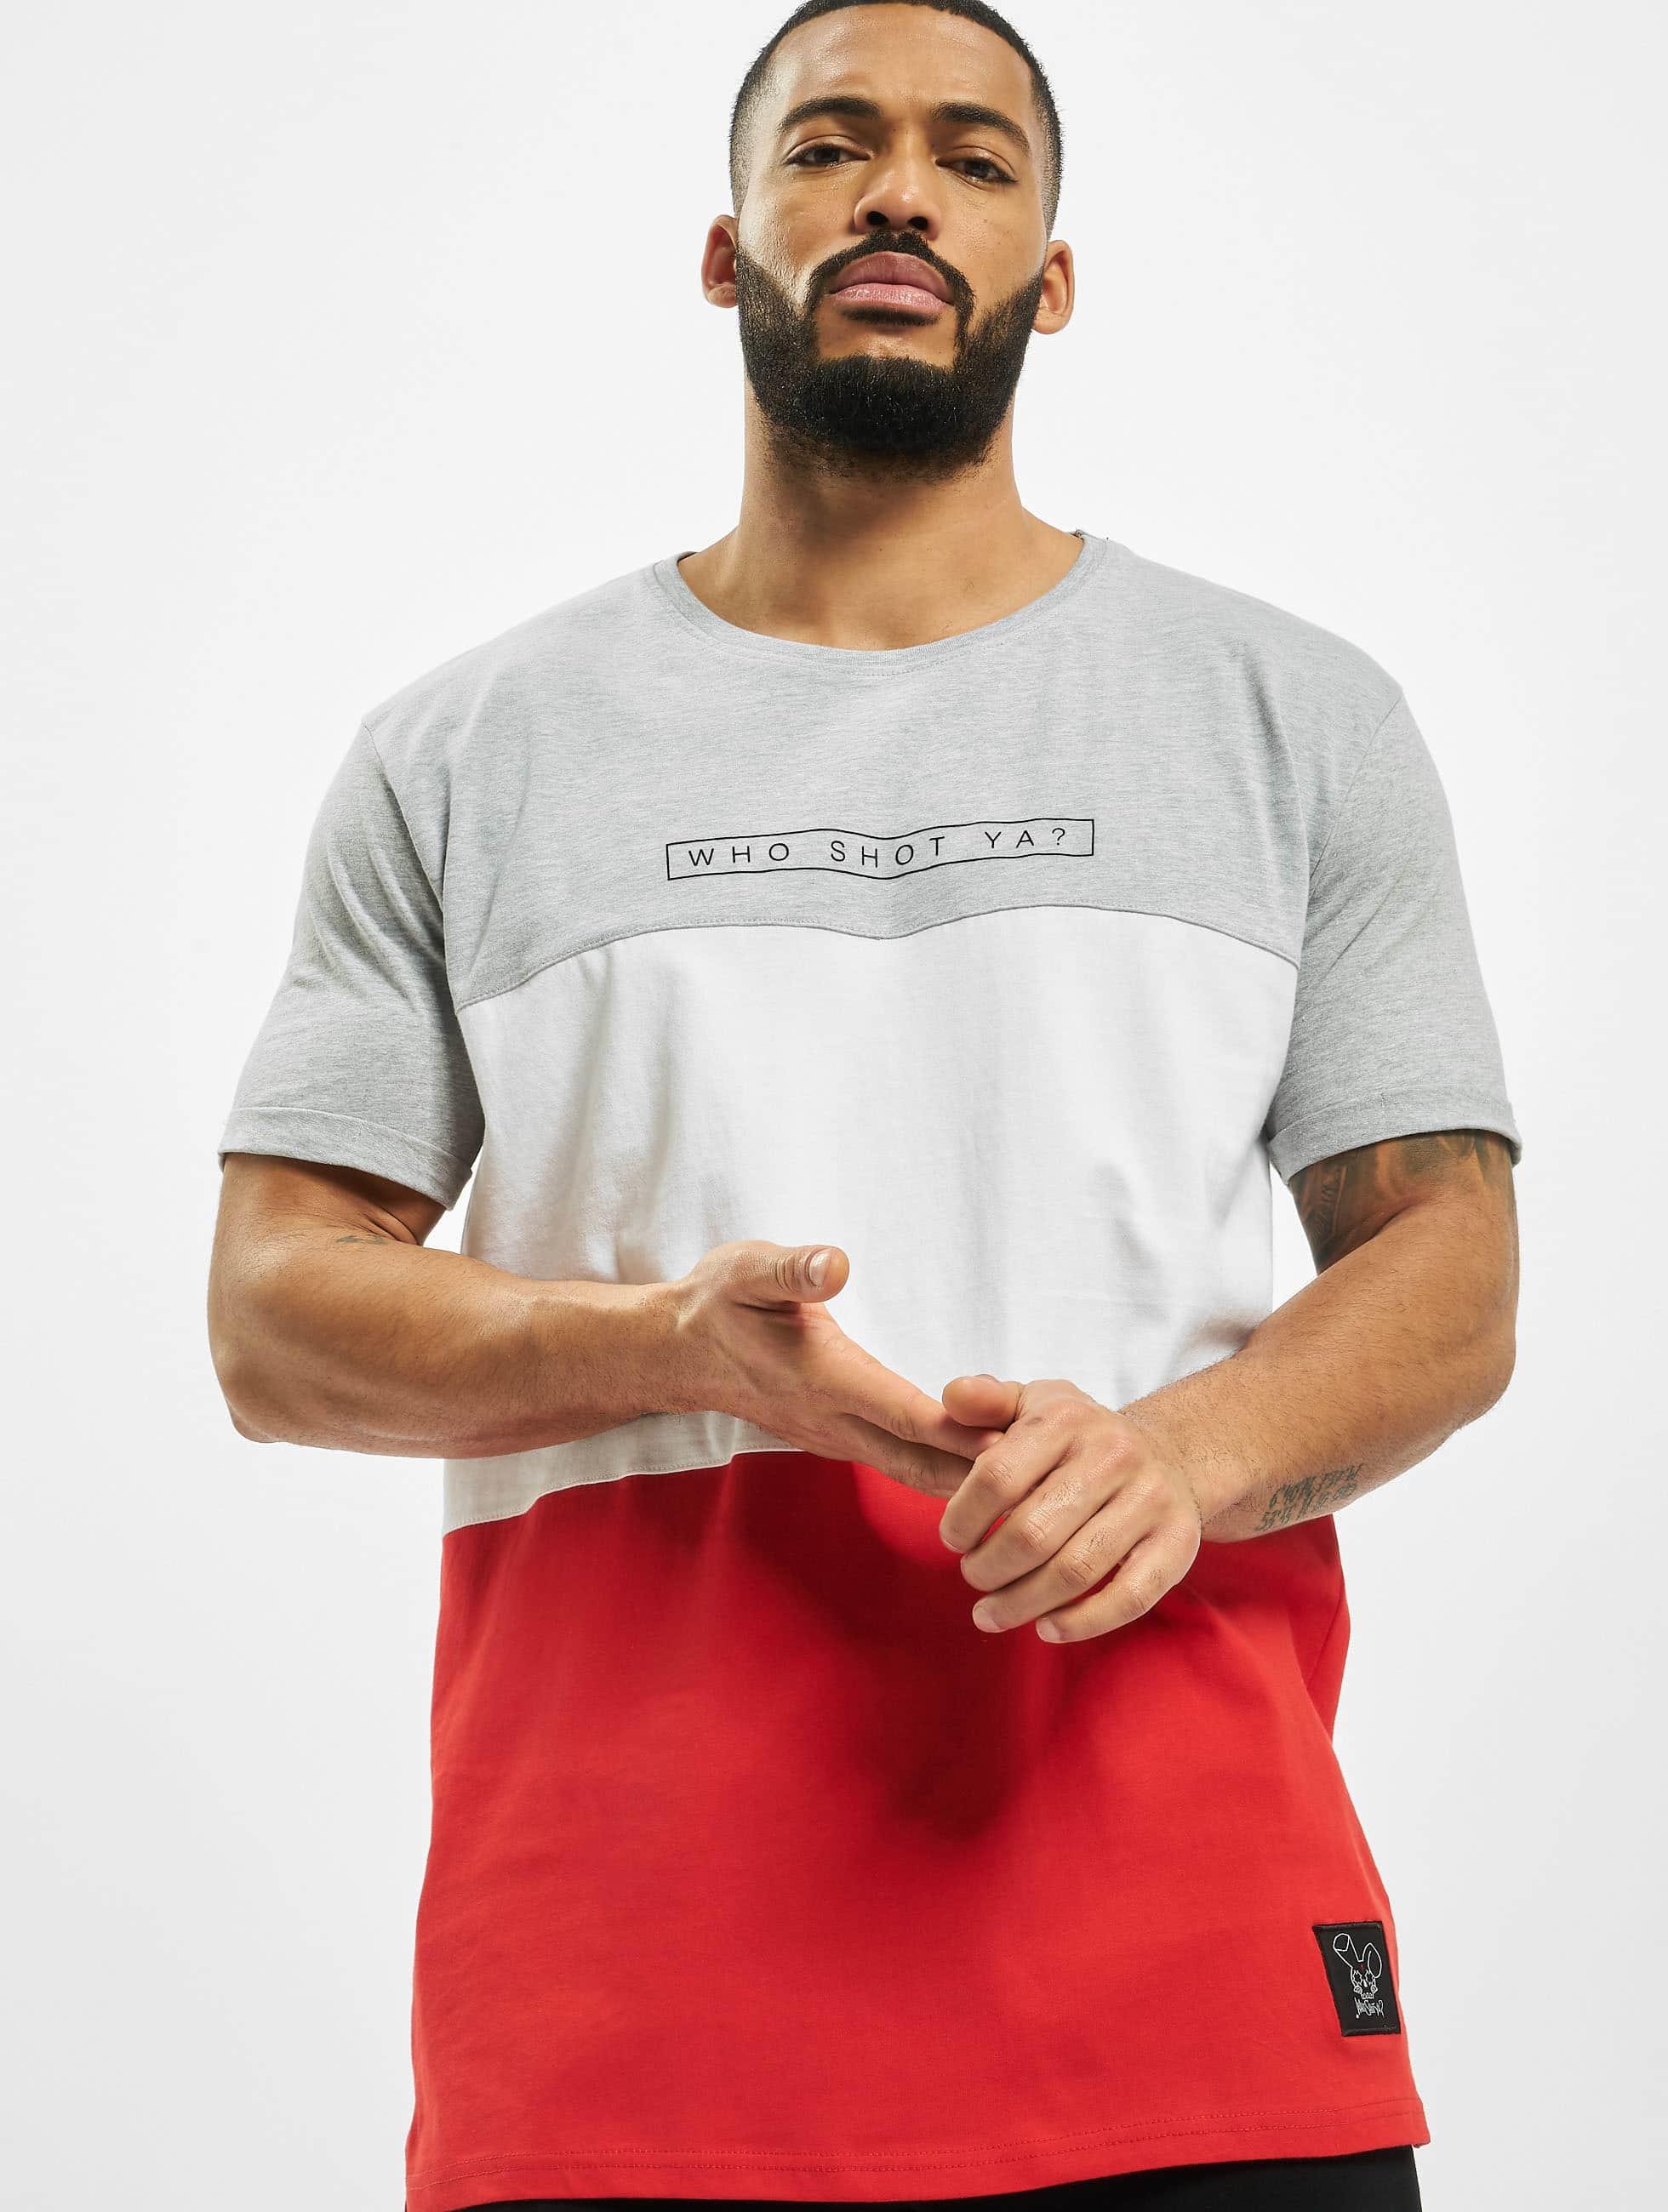 Who Shot Ya? / T-Shirt 3Tone in grey S